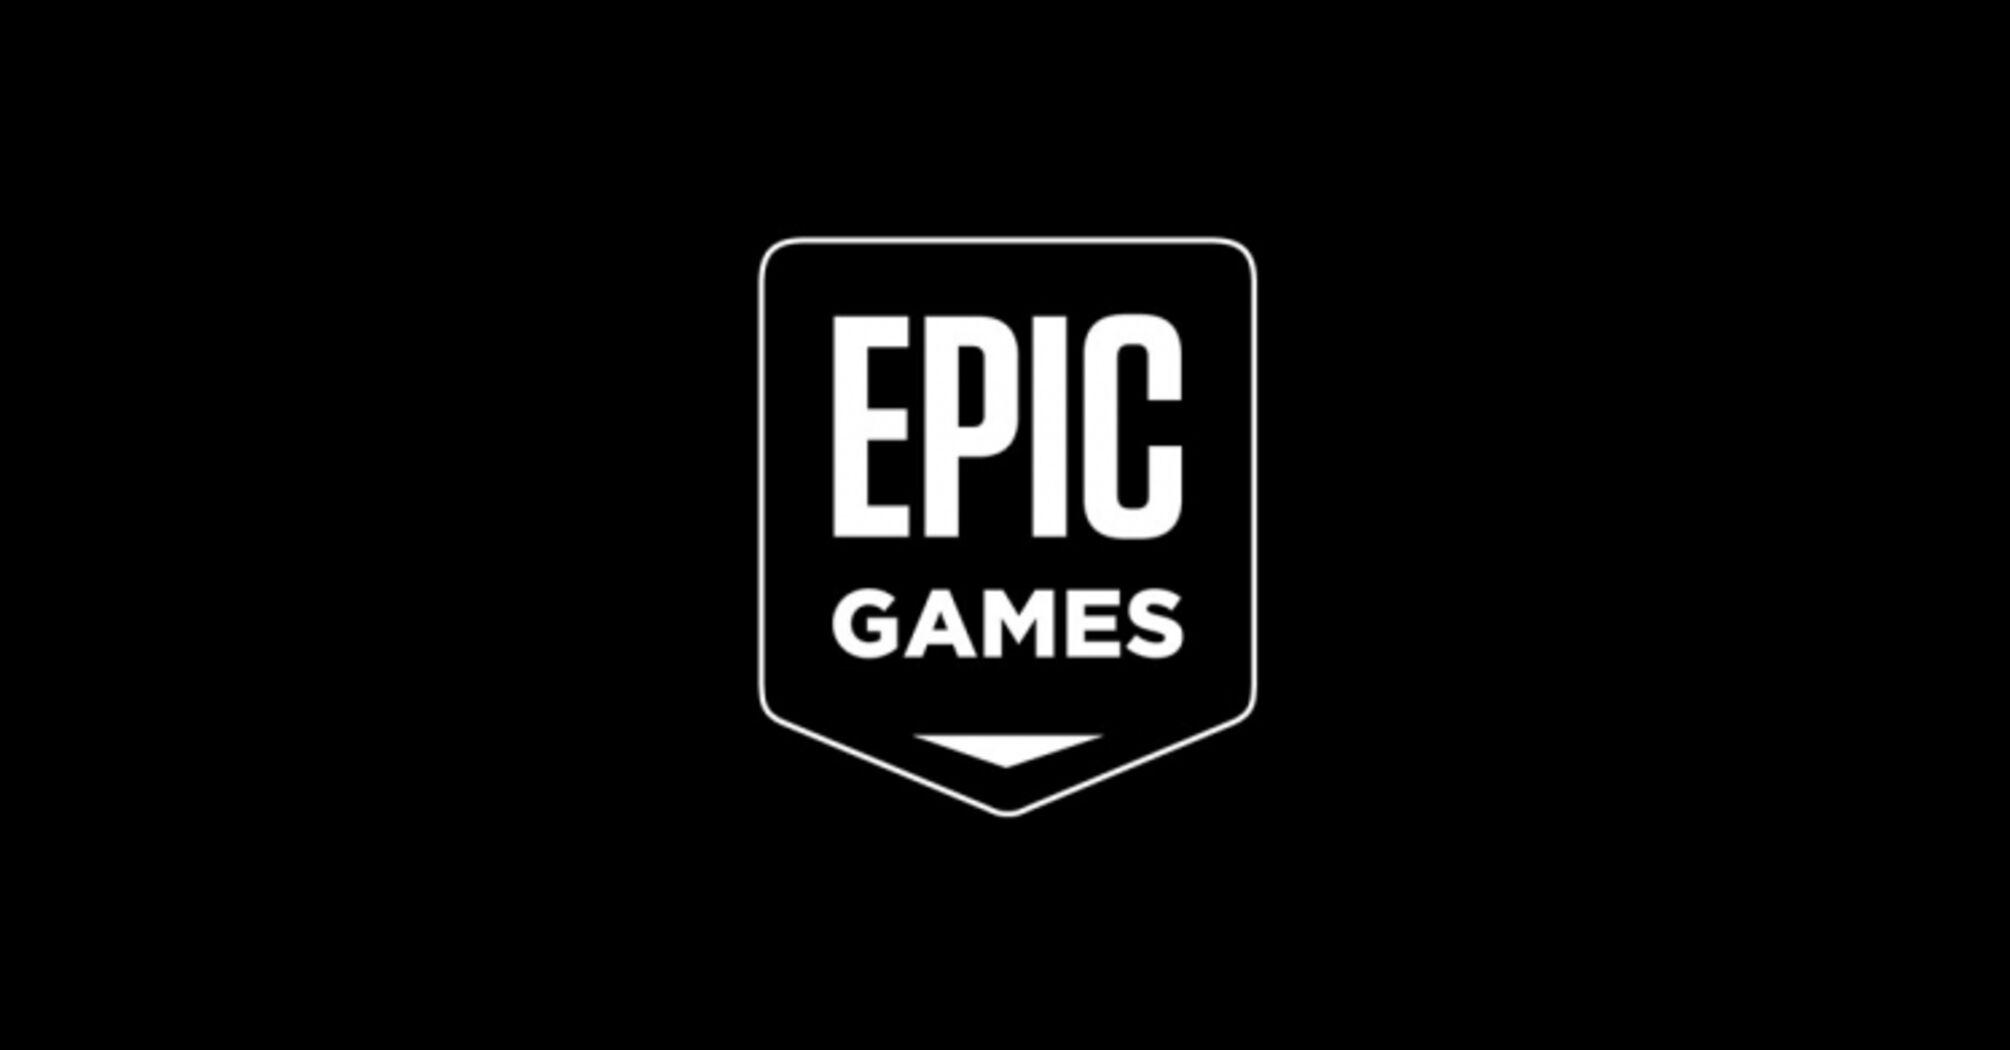 Финансовая оценка Epic Games может вырасти до $17 млрд